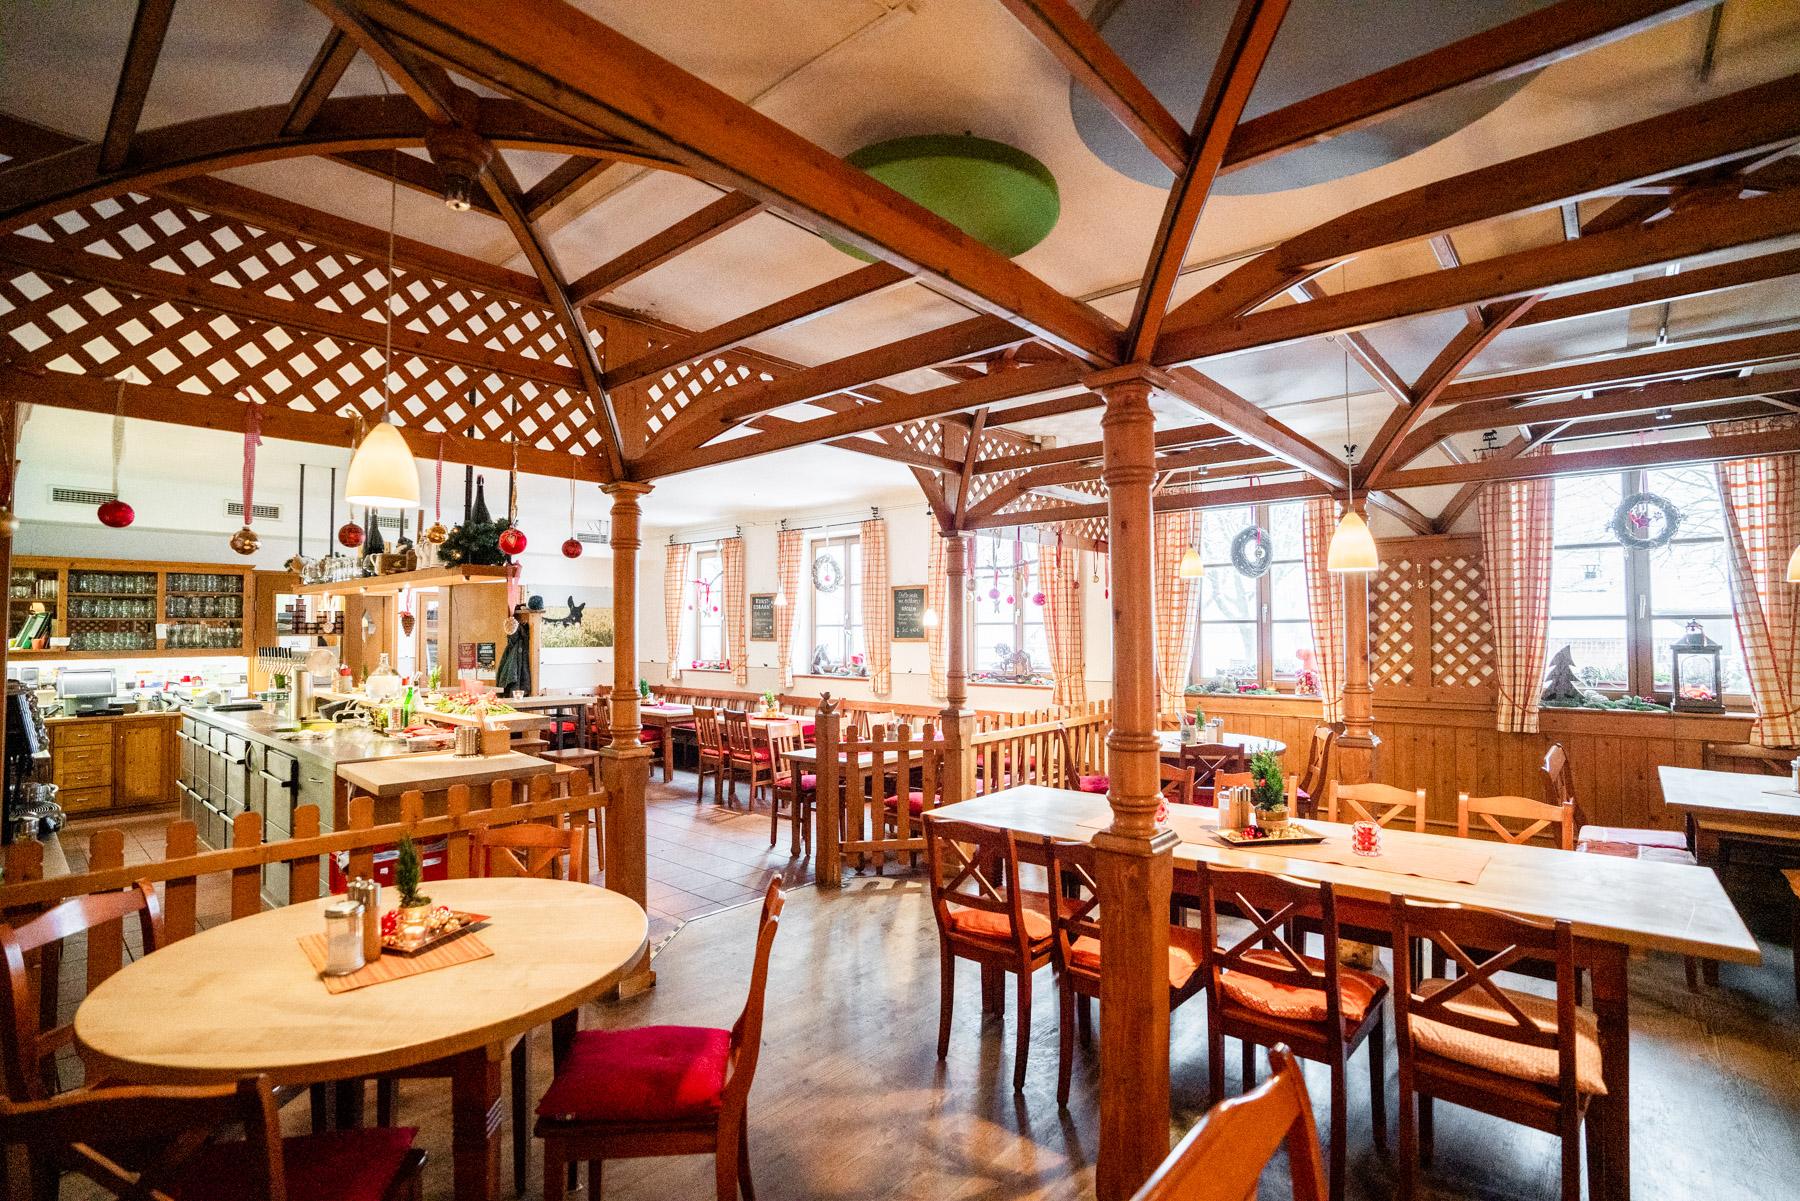 reitsberger-hof-vaterstetten-restaurant-12122018-mokati-81